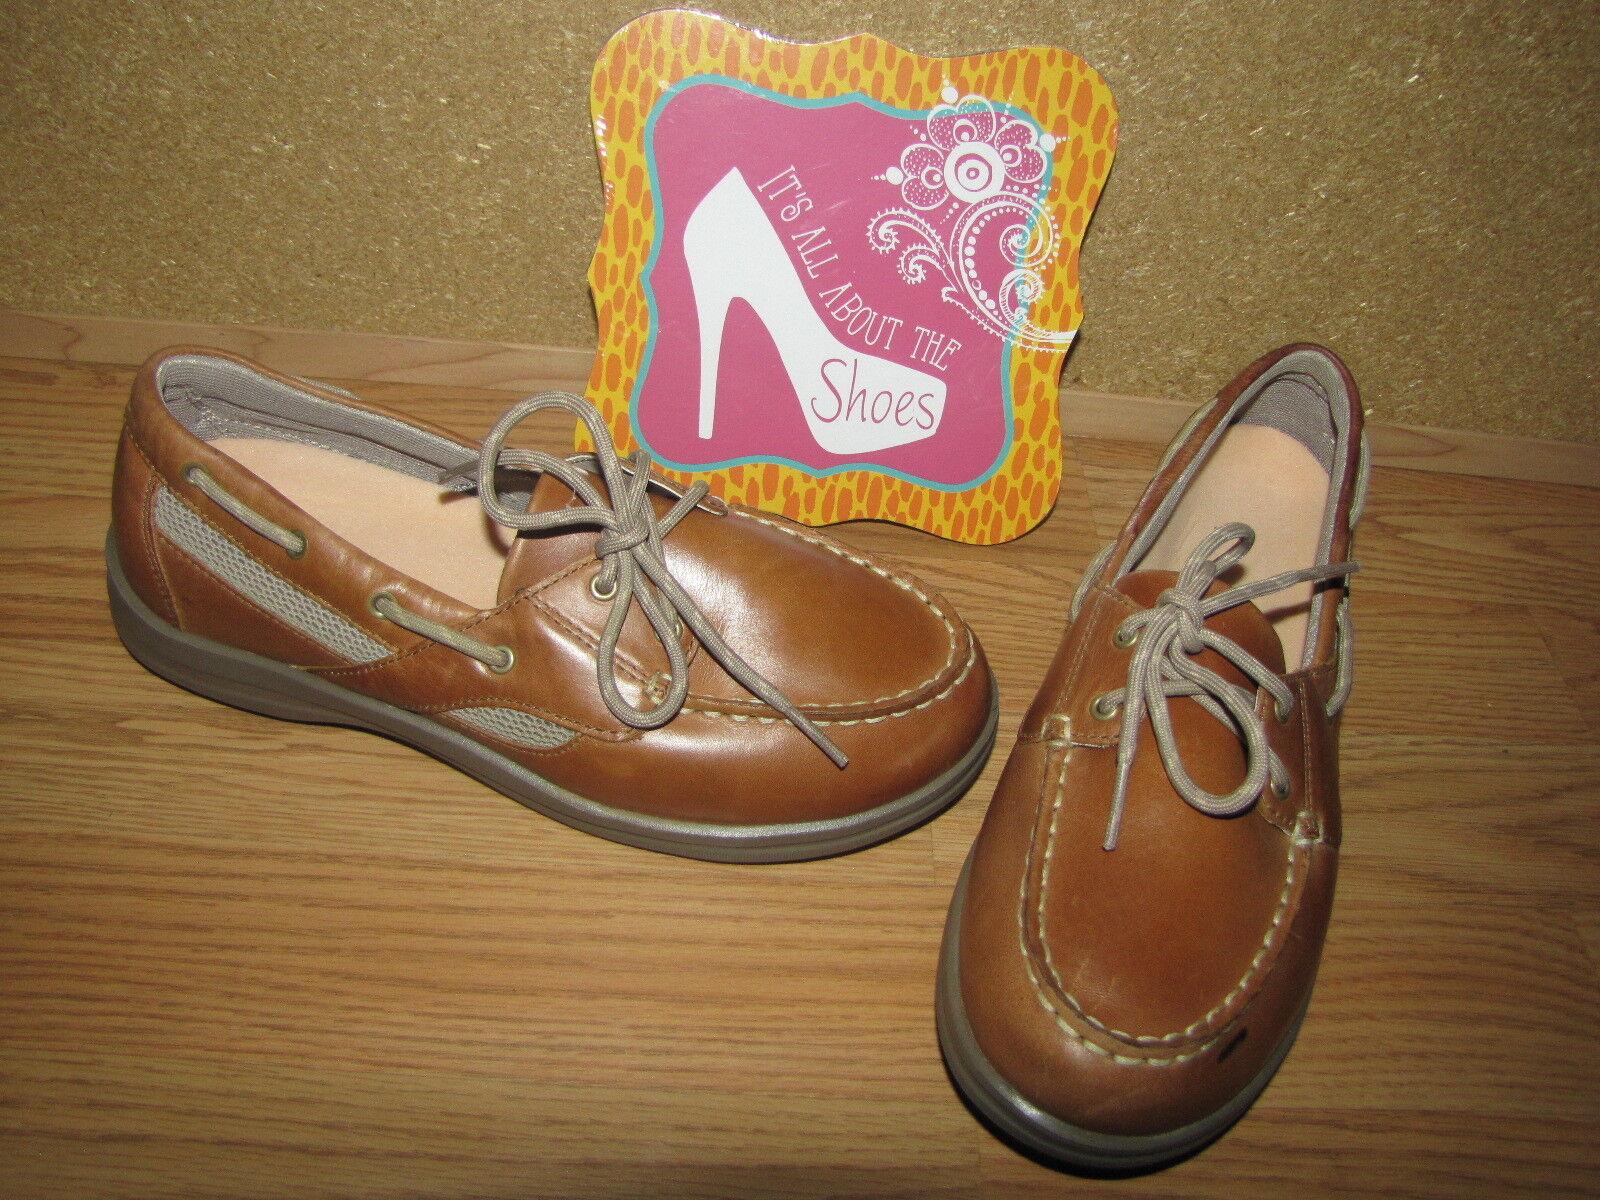 Apex 'pétalos de Bronceado Zapatos Náuticos diabéticos Terapéutica - 8W 8W - europeo 38 Usado En Excelente Condición b90a9c